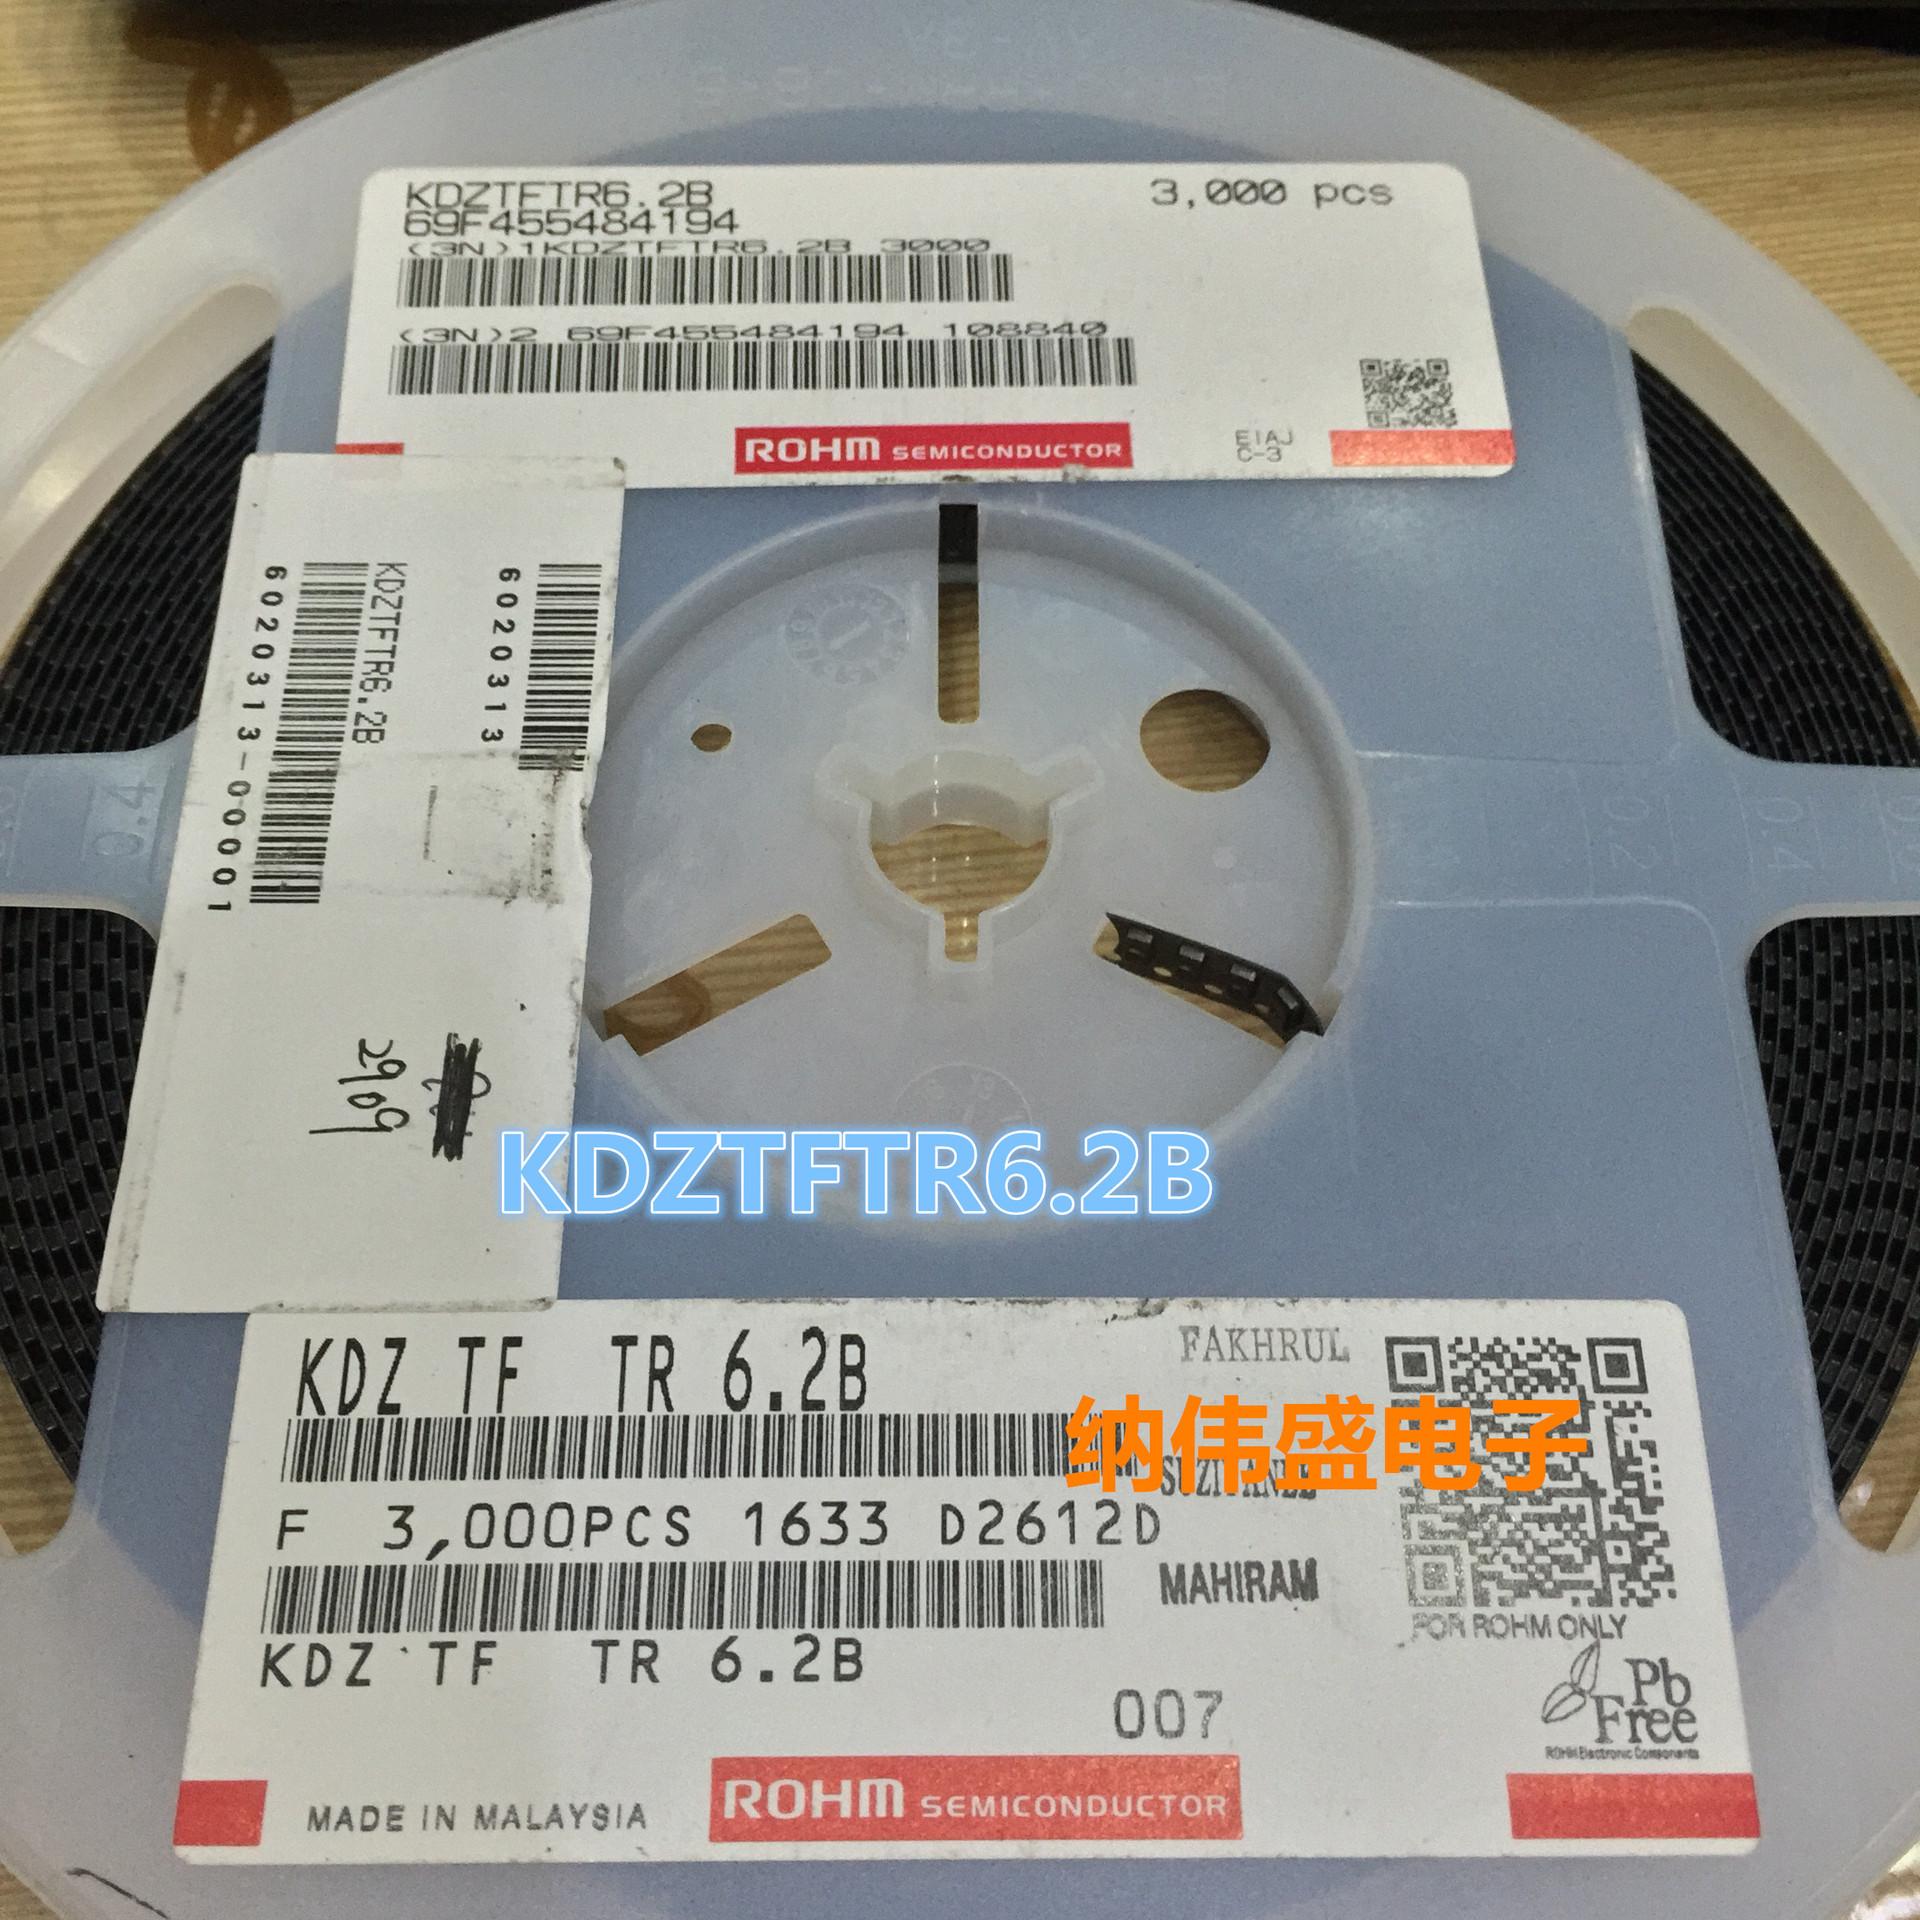 供应 KDZTFTR6.2B 进口原装ROHM SOD123 KDZ6.2B KDZTR6.2B现货